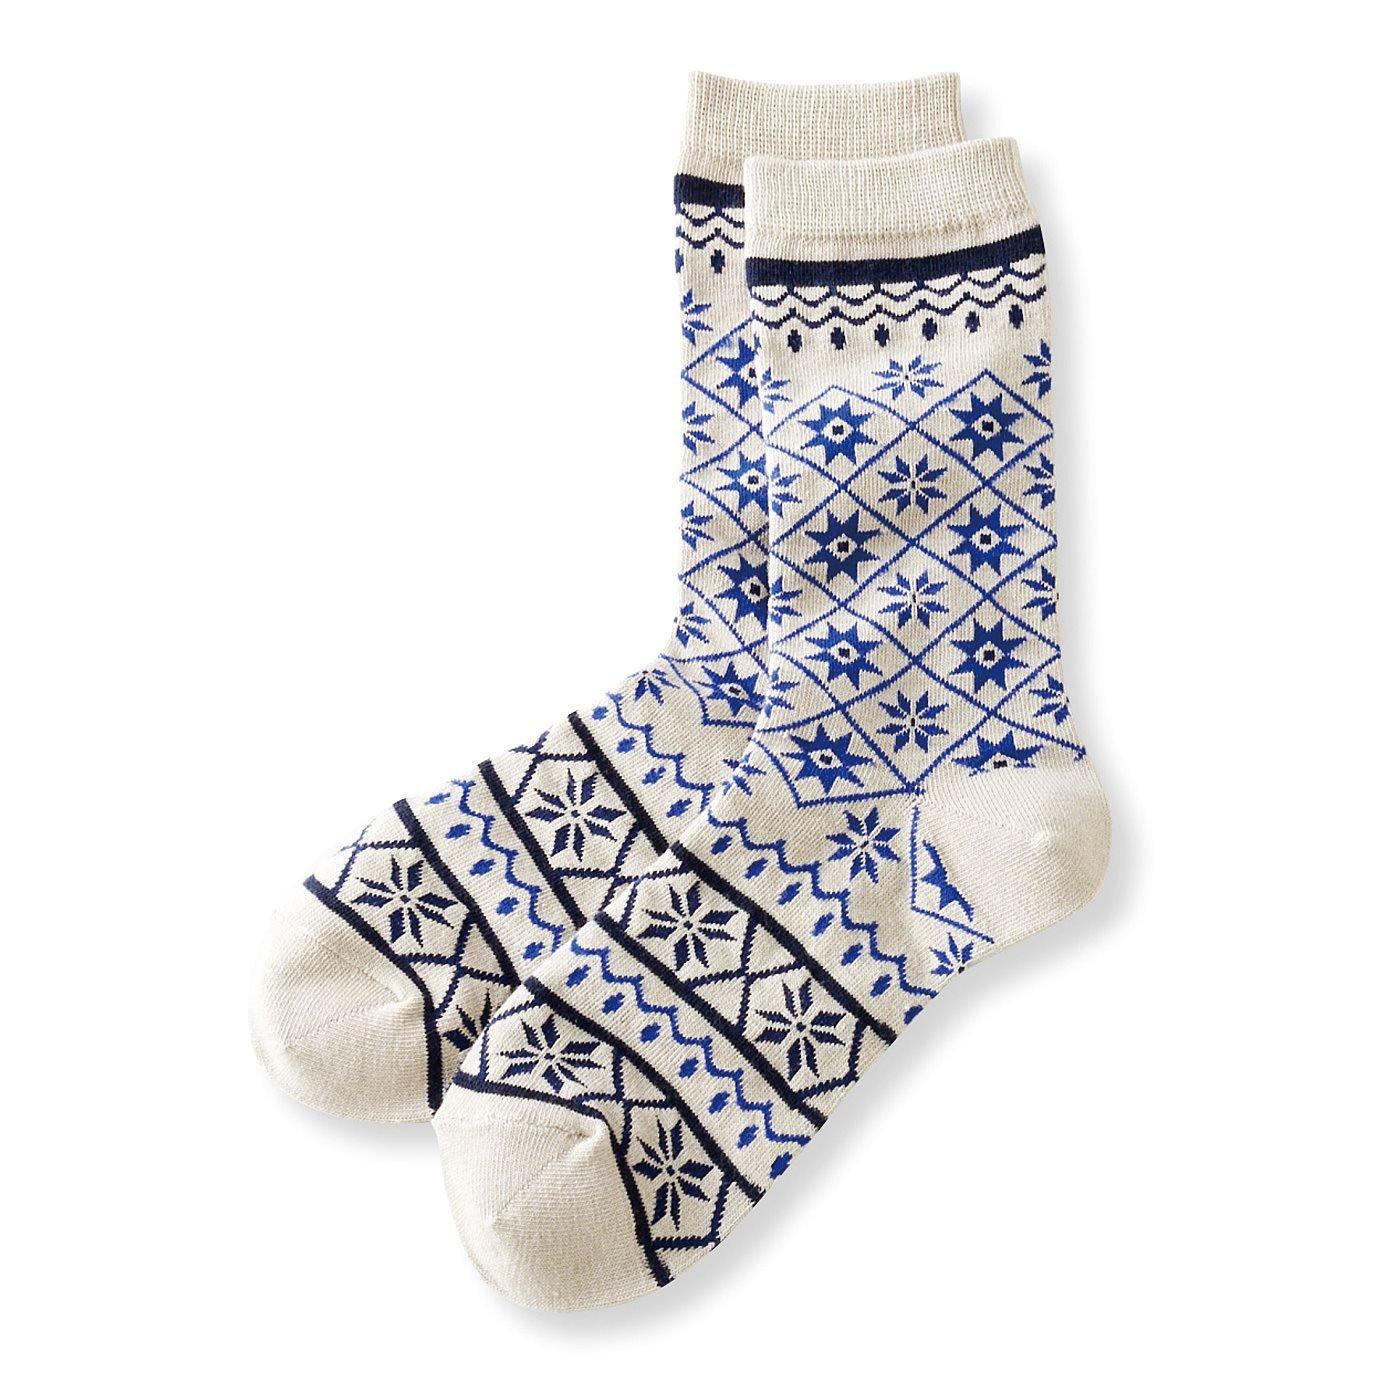 足もとから広がる世界 ネイティブパターン靴下